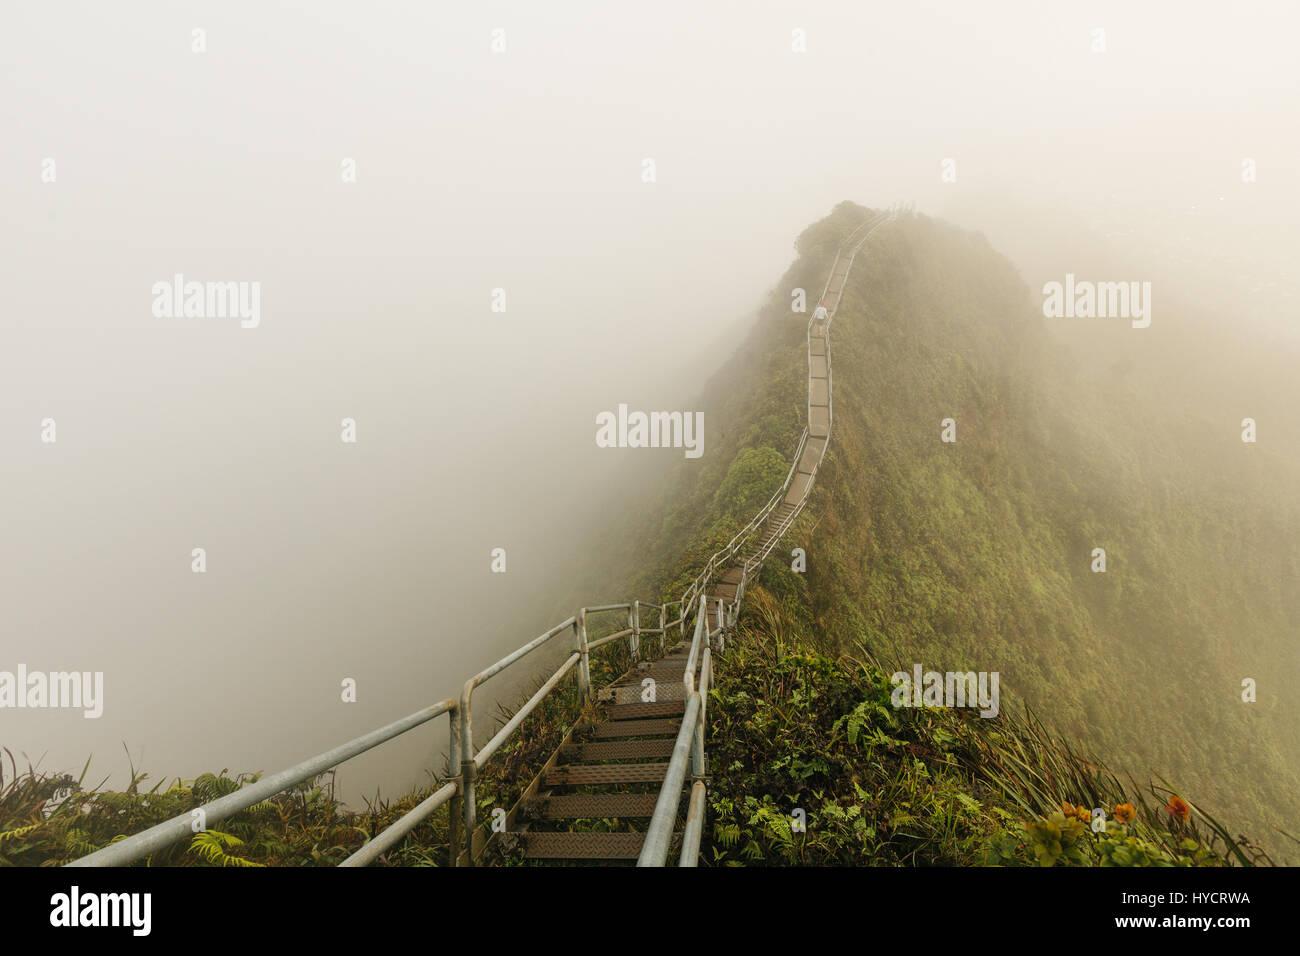 Haiku Stairs is a slippery and secretive hike on oahu Stock Photo